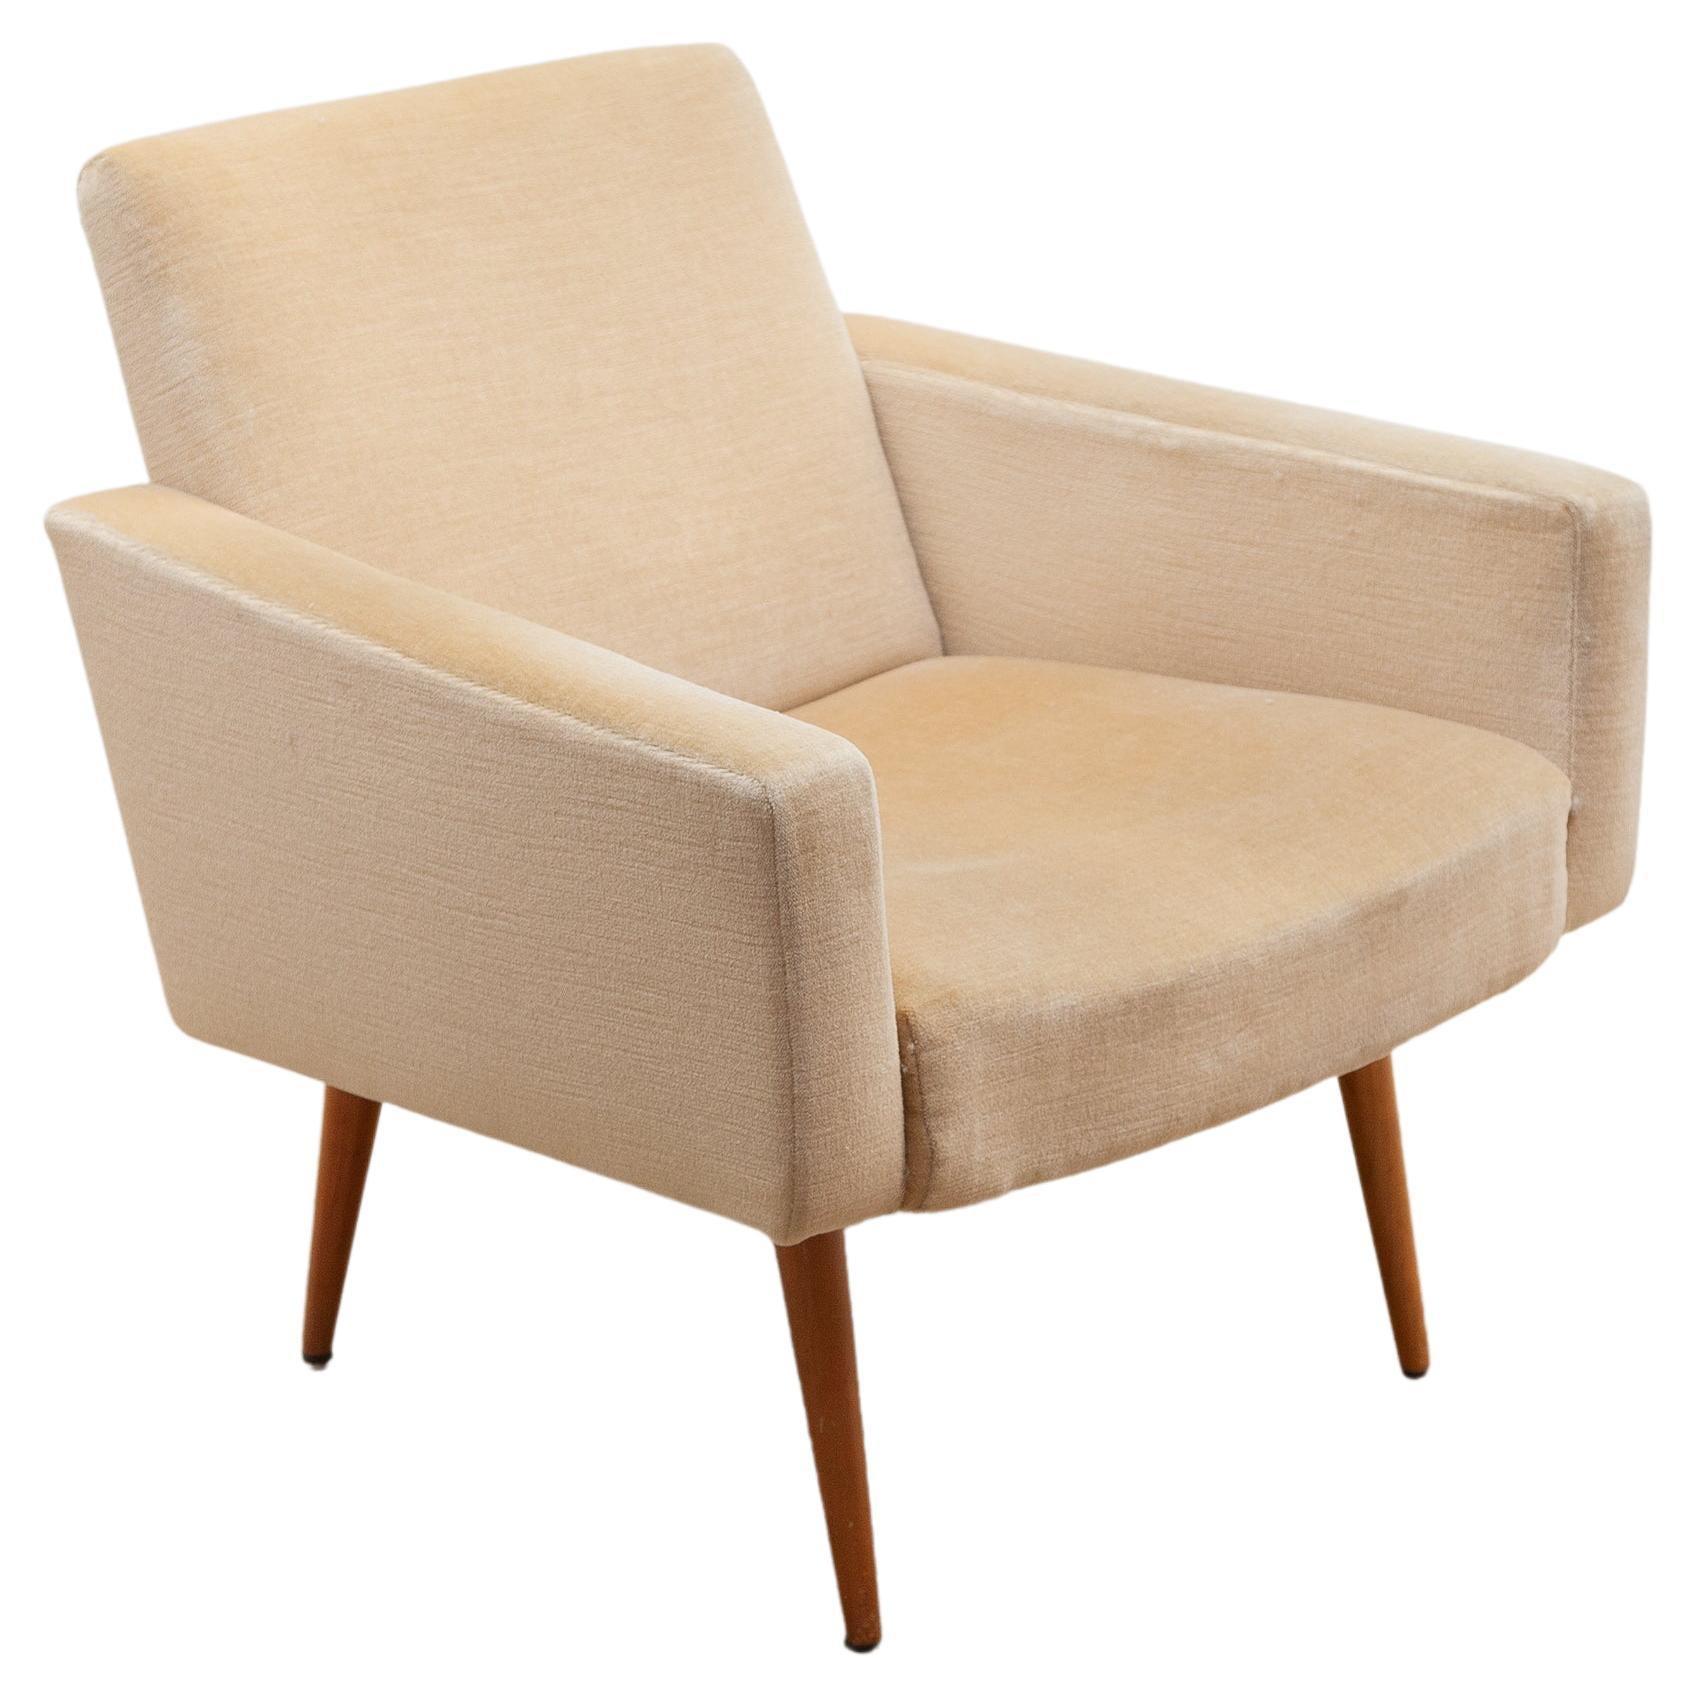 """Velvet Lounge Chair """"Antimott"""" designed by Walter Knoll, 1950s"""